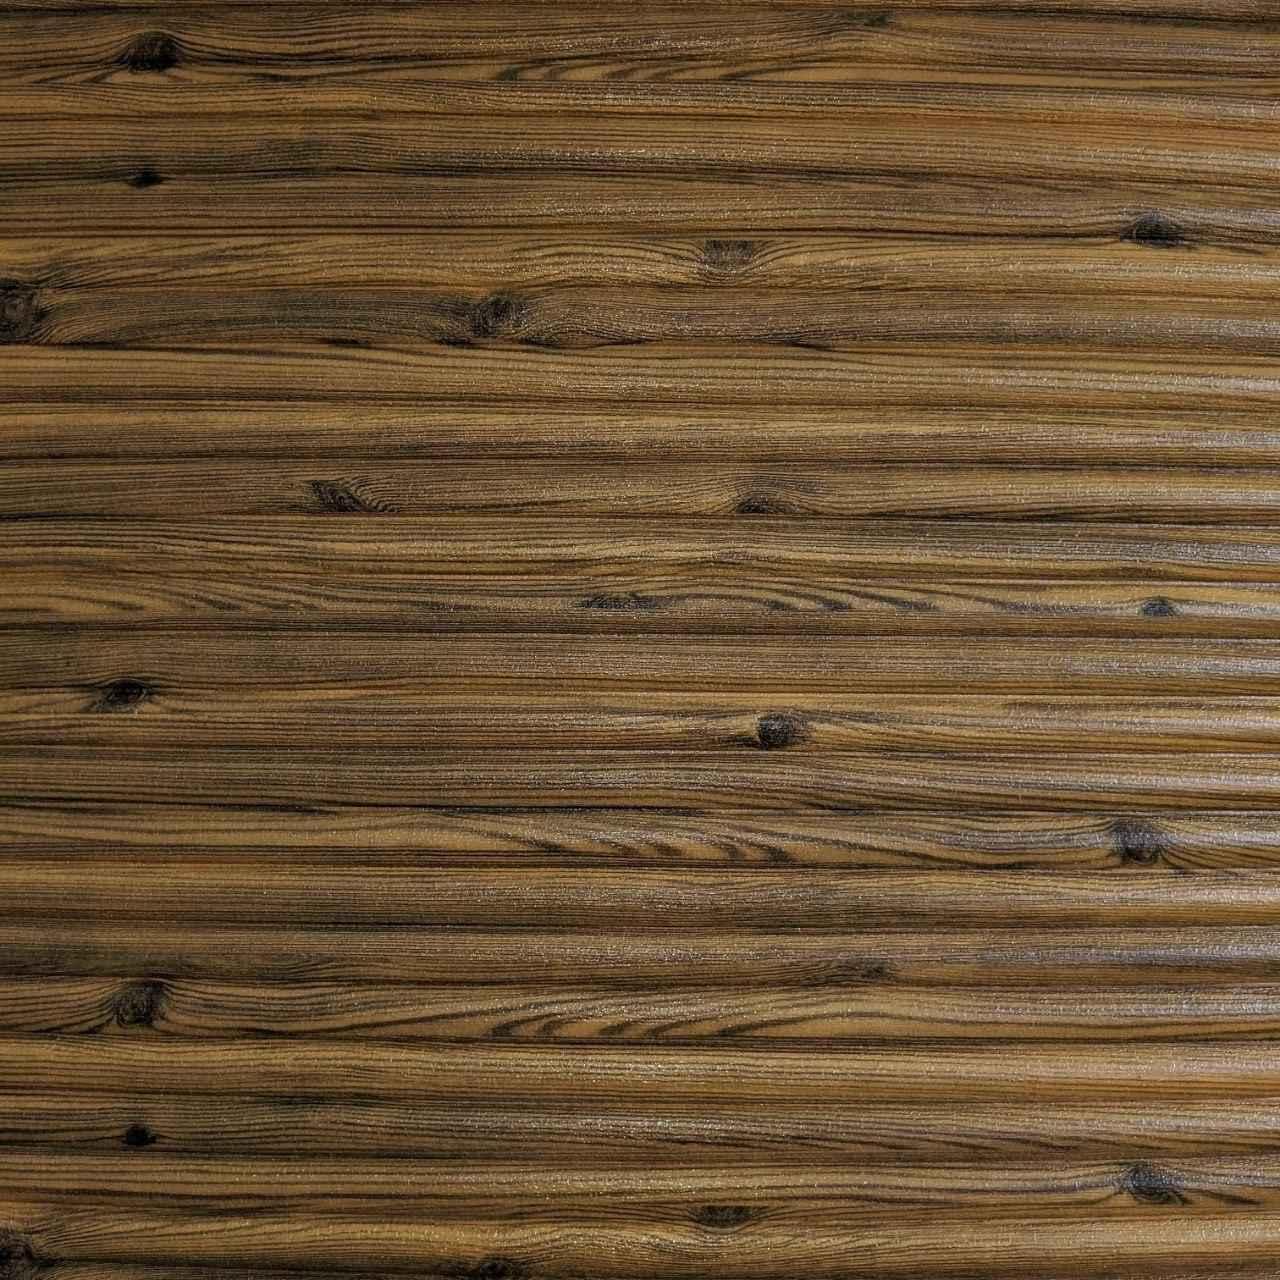 Самоклеящаяся декоративная 3D панель бамбук коричневый 700x700x9 мм (самоклейка, Мягкие 3D Панели)